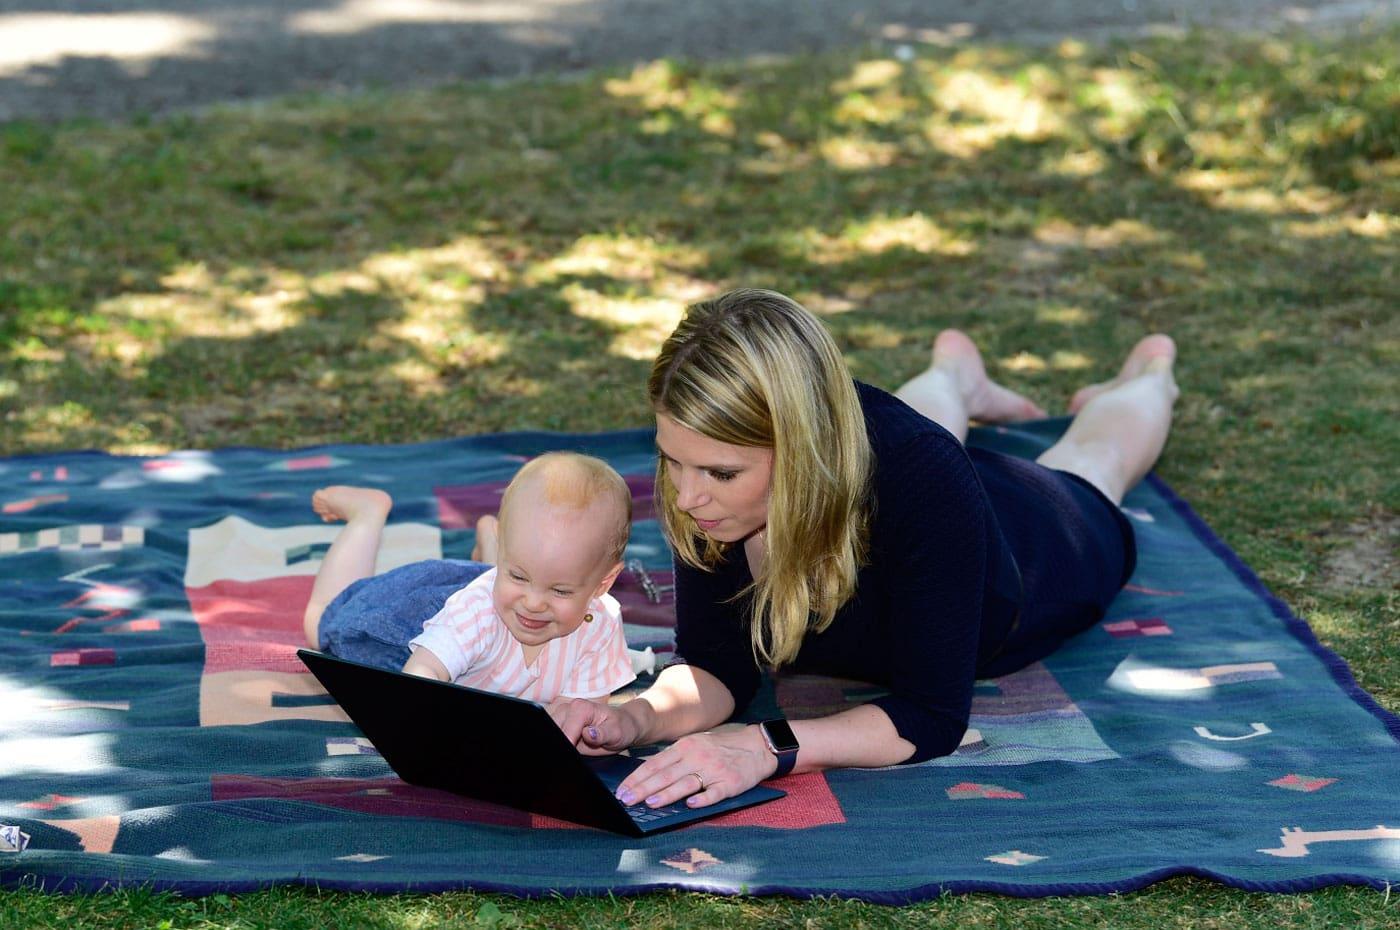 Arbeiten mkt Baby – Gründerin Tamara Viktoria Berger von CleverMom mit Tochter auf Decke im PArk // HIMBEER